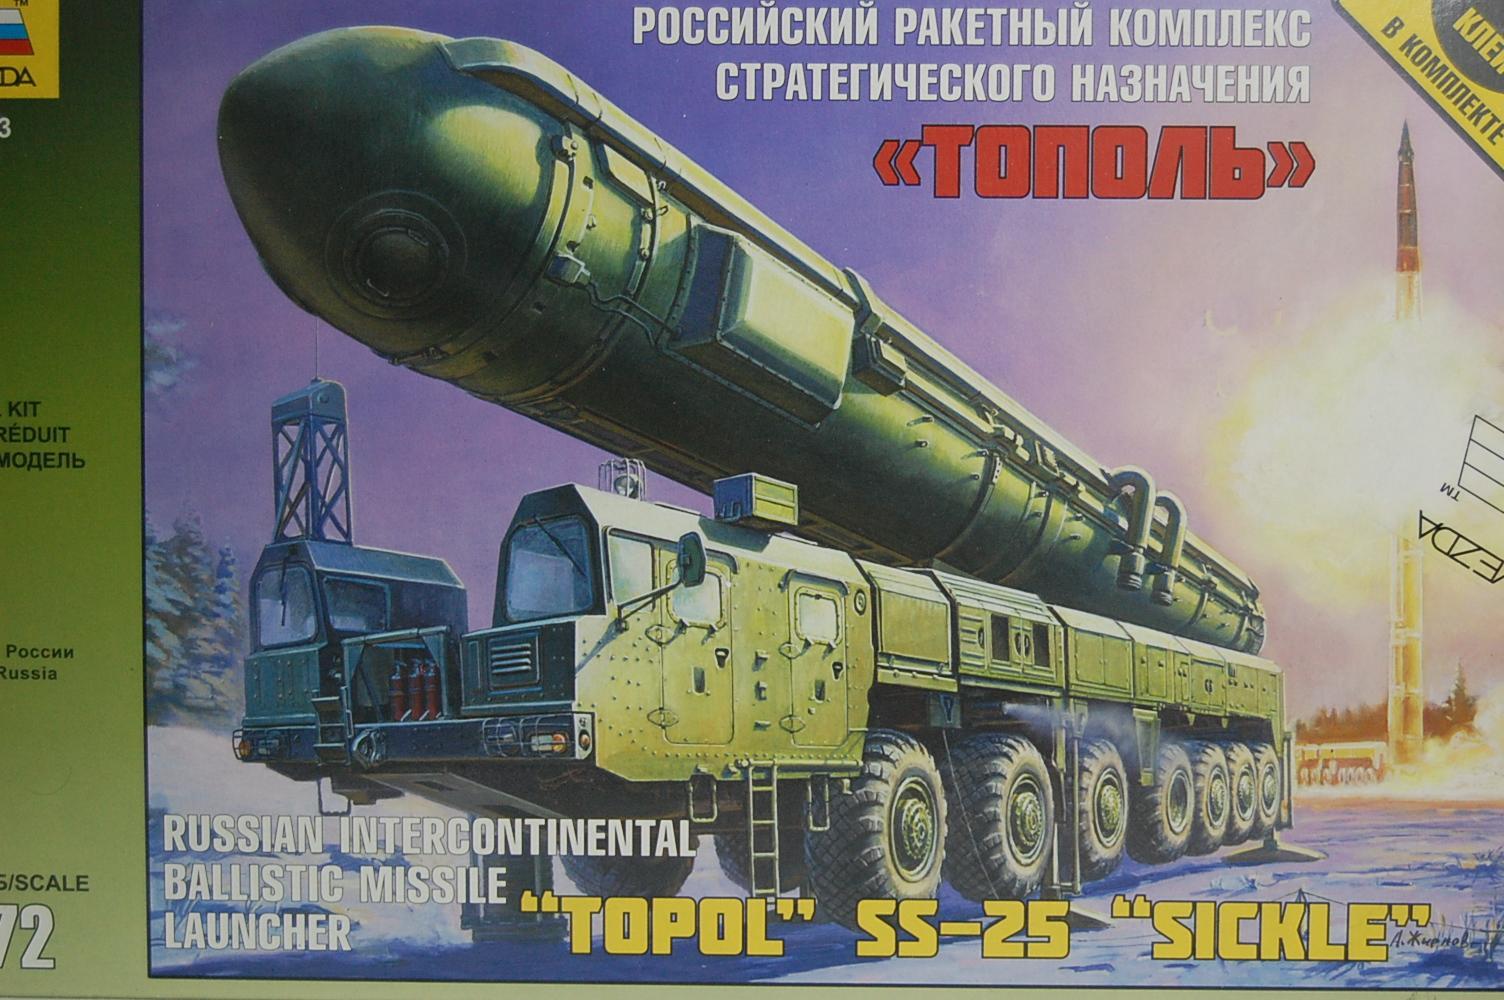 Hình ảnh Bộ lắp ghép mô hình xe quân sự TOPOL SS-25 SICKLE